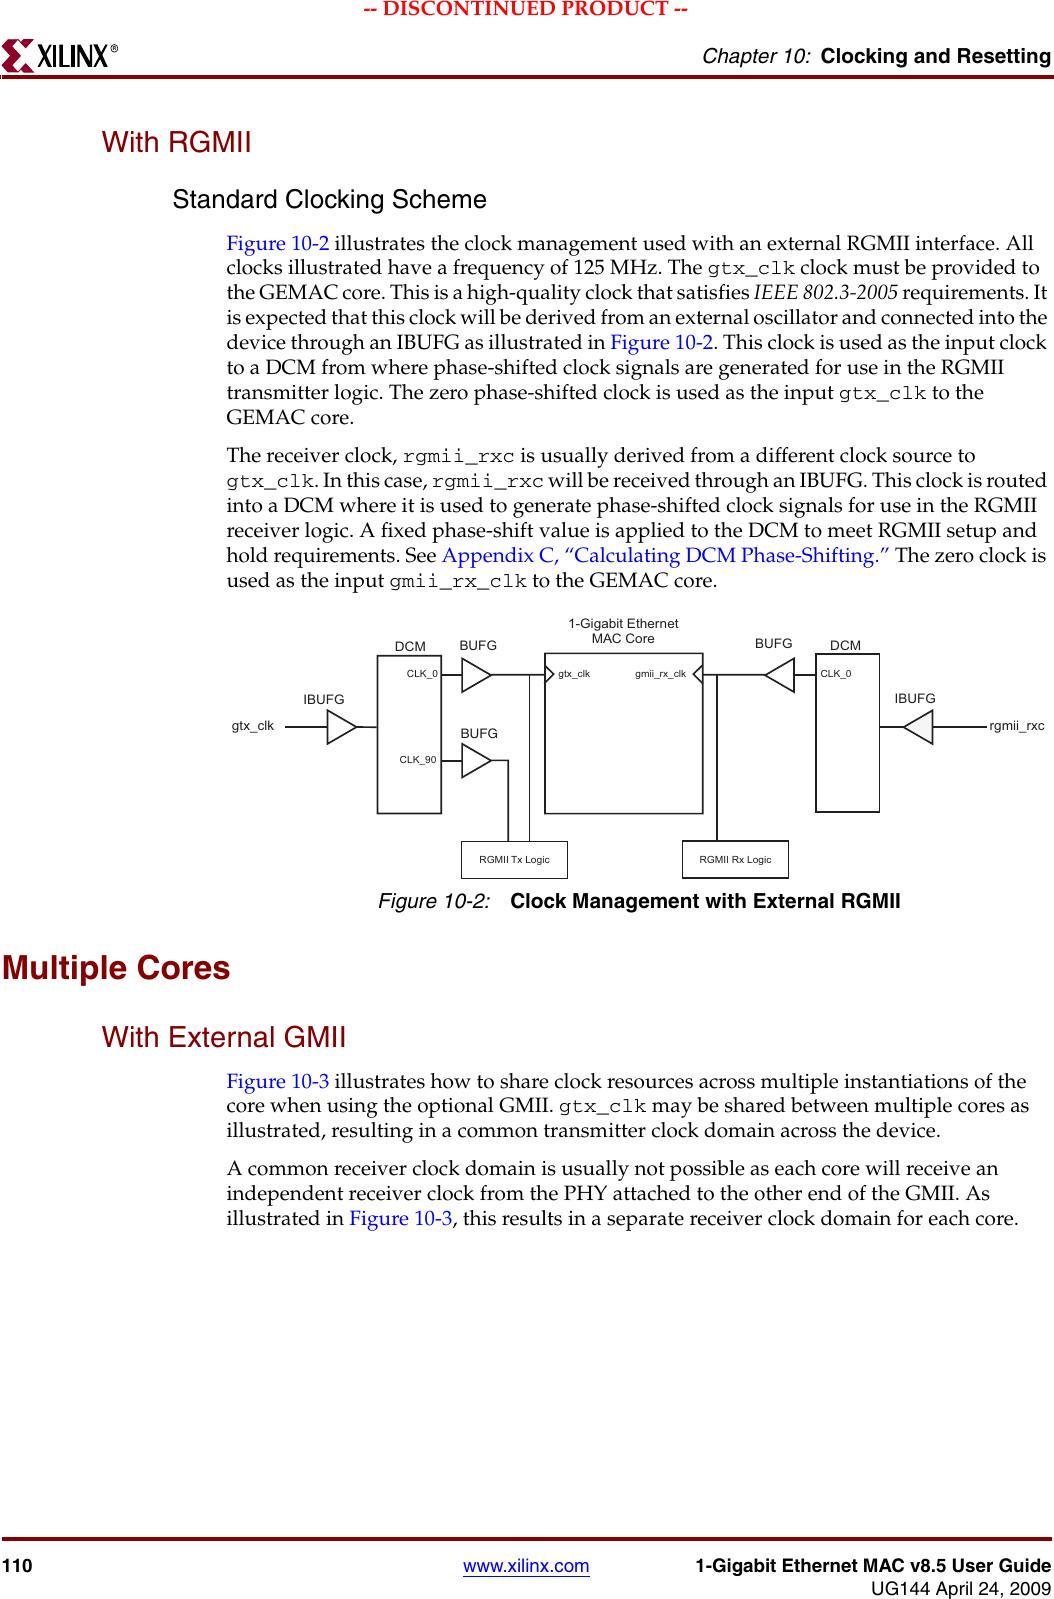 Xilinx Logicore Ug144 Users Manual UG144,1 Gigabit Ethernet